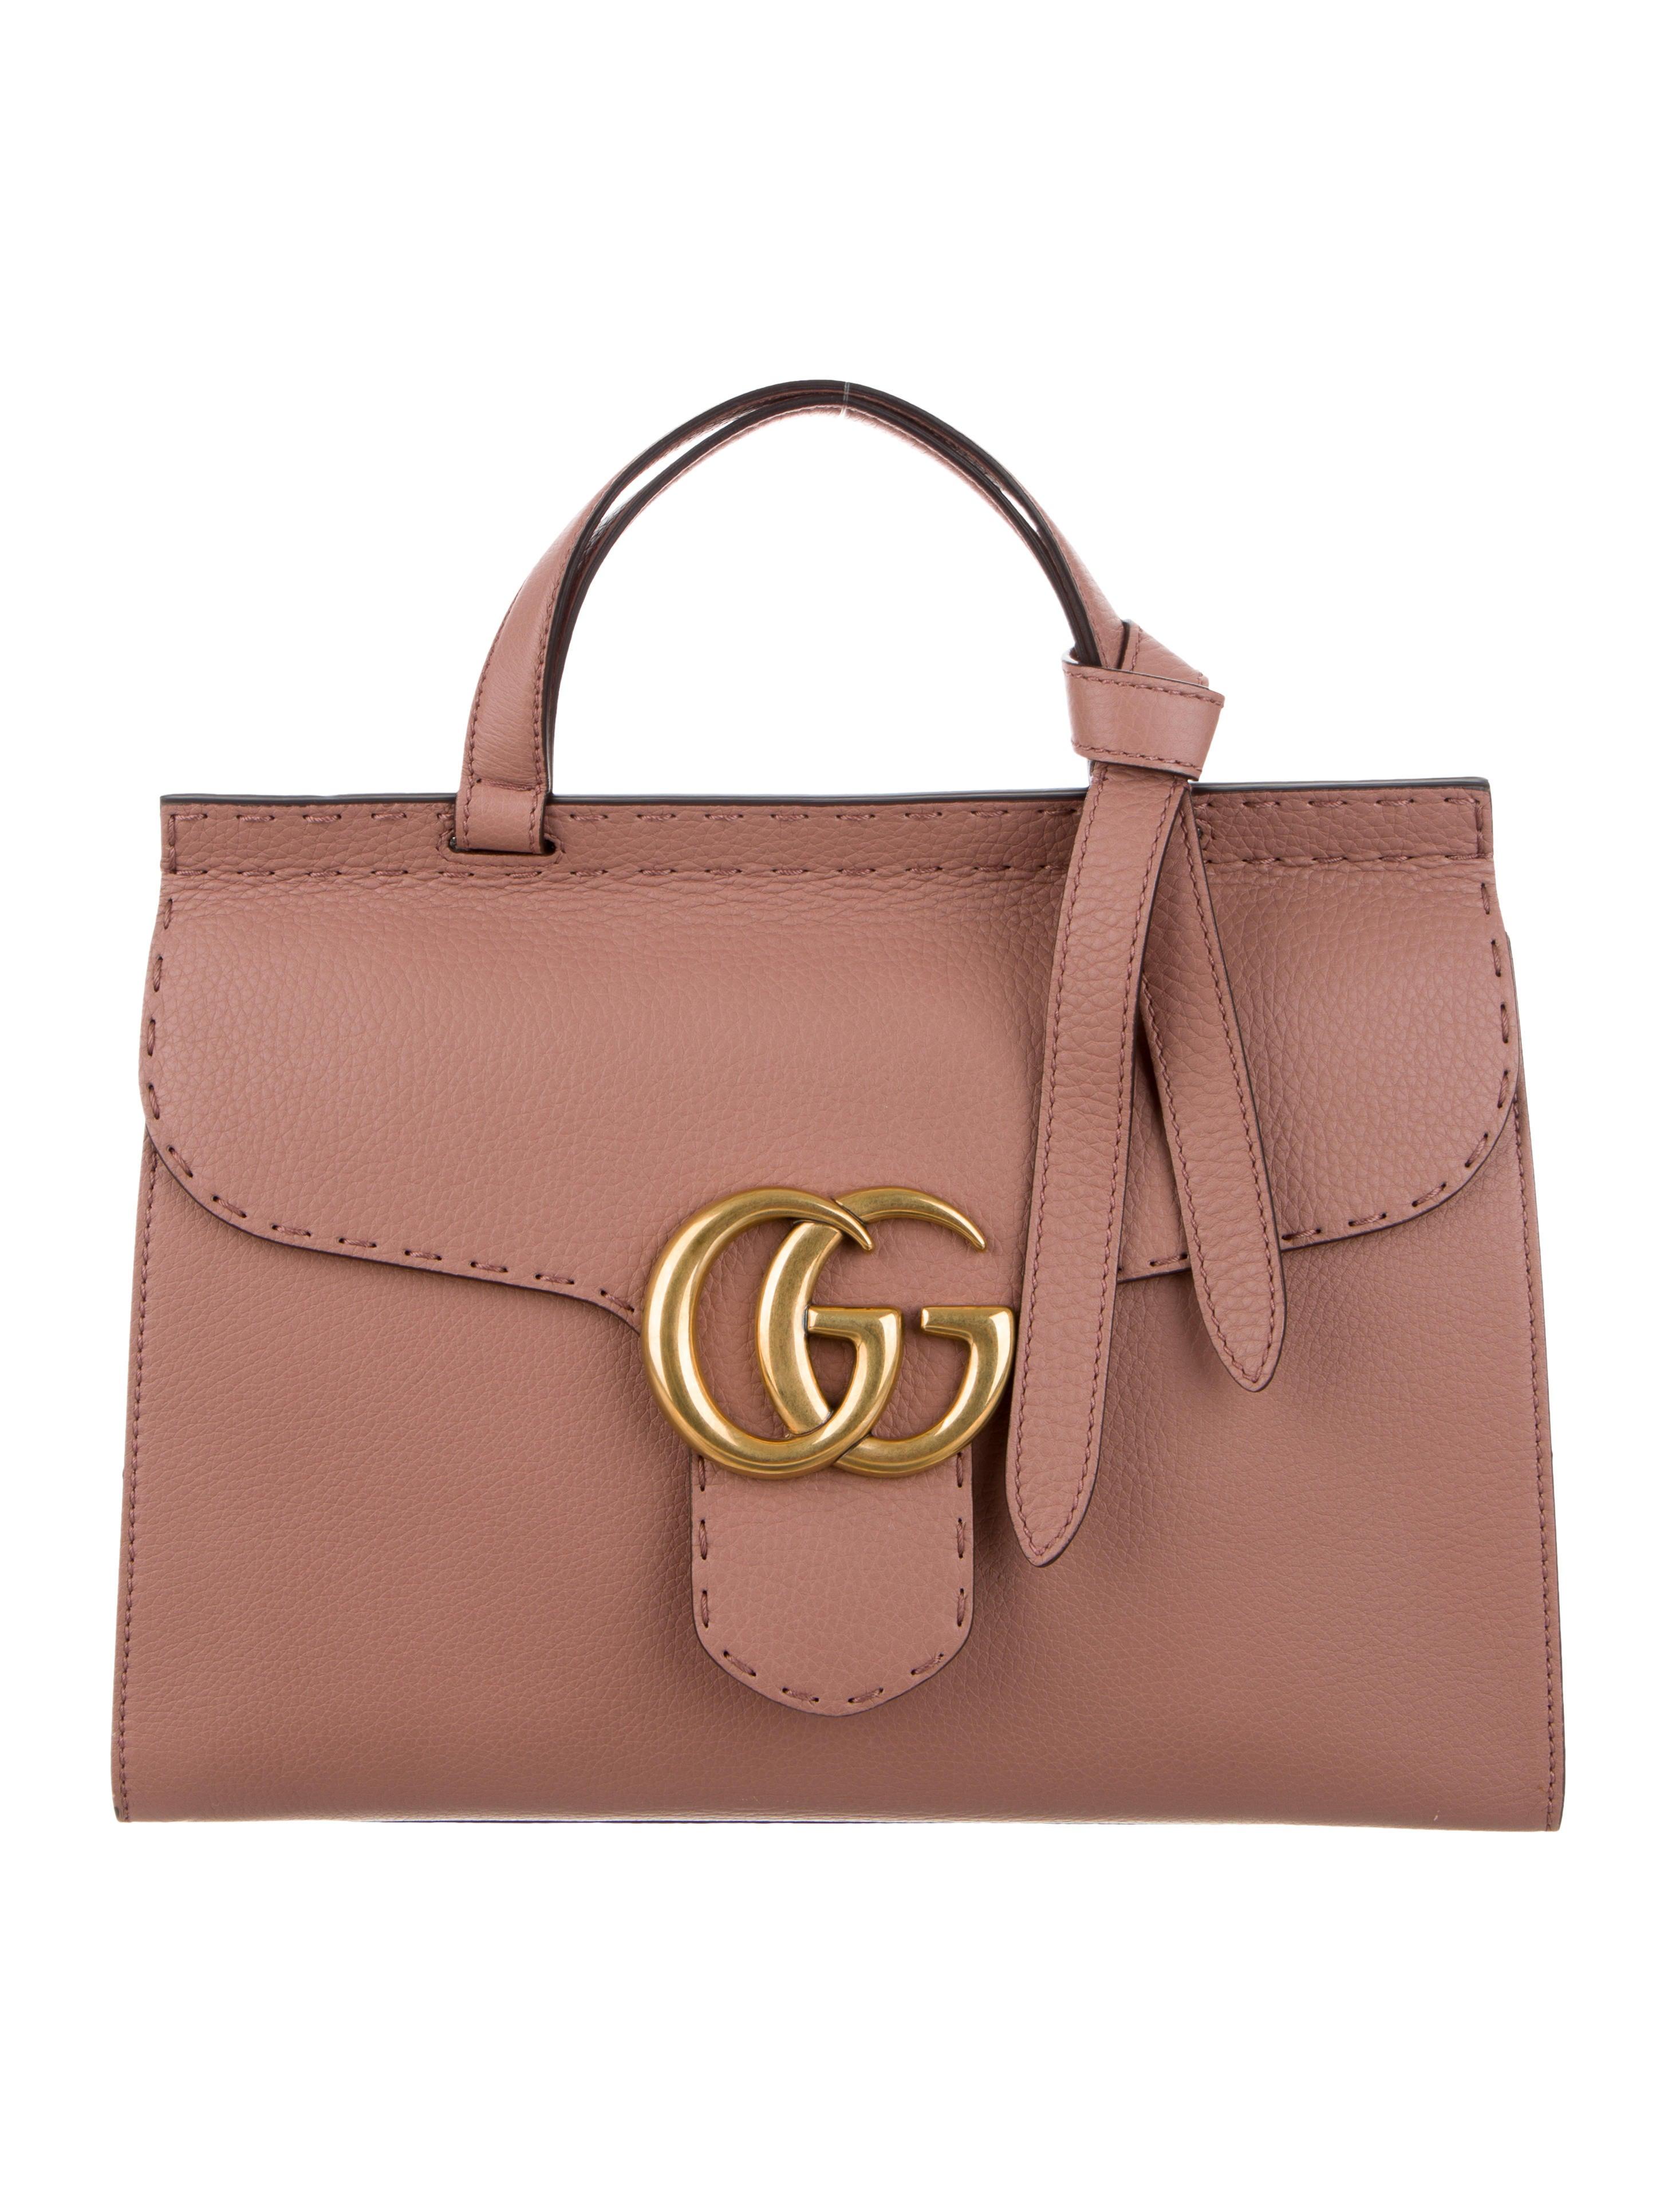 f0beaf4214ba Gucci Small GG Marmont Top Handle Bag - Handbags - GUC251974 | The ...